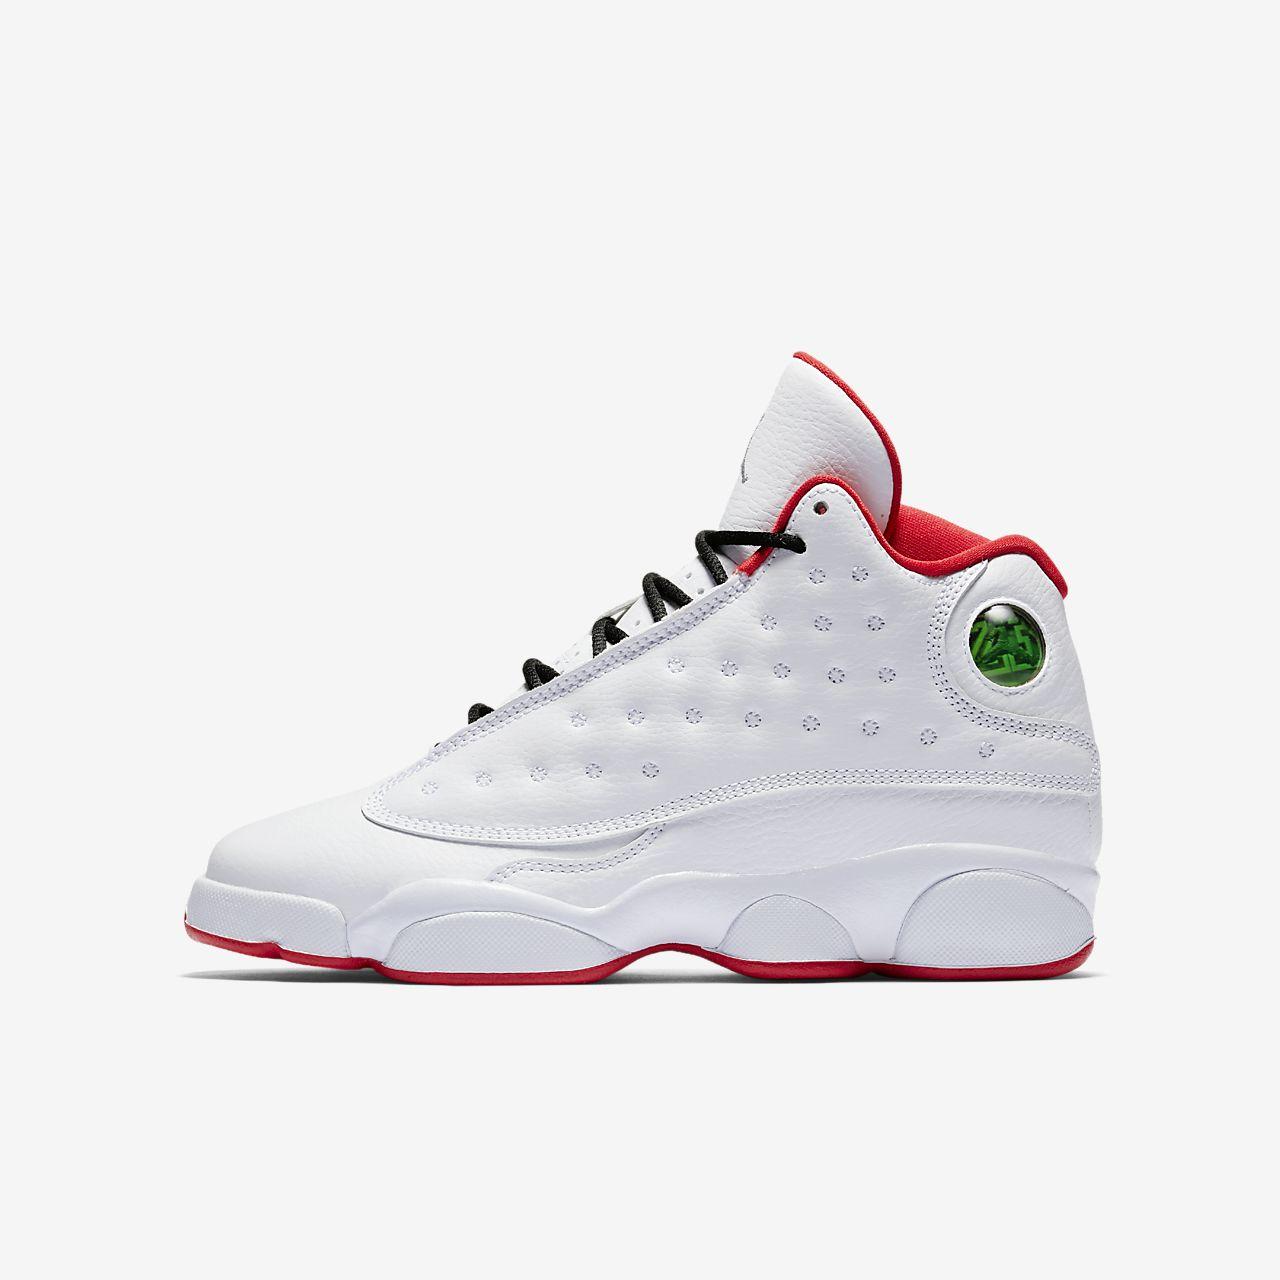 d1664b5a5dcb Air Jordan 13 Retro Older Kids  Shoe. Nike.com IN